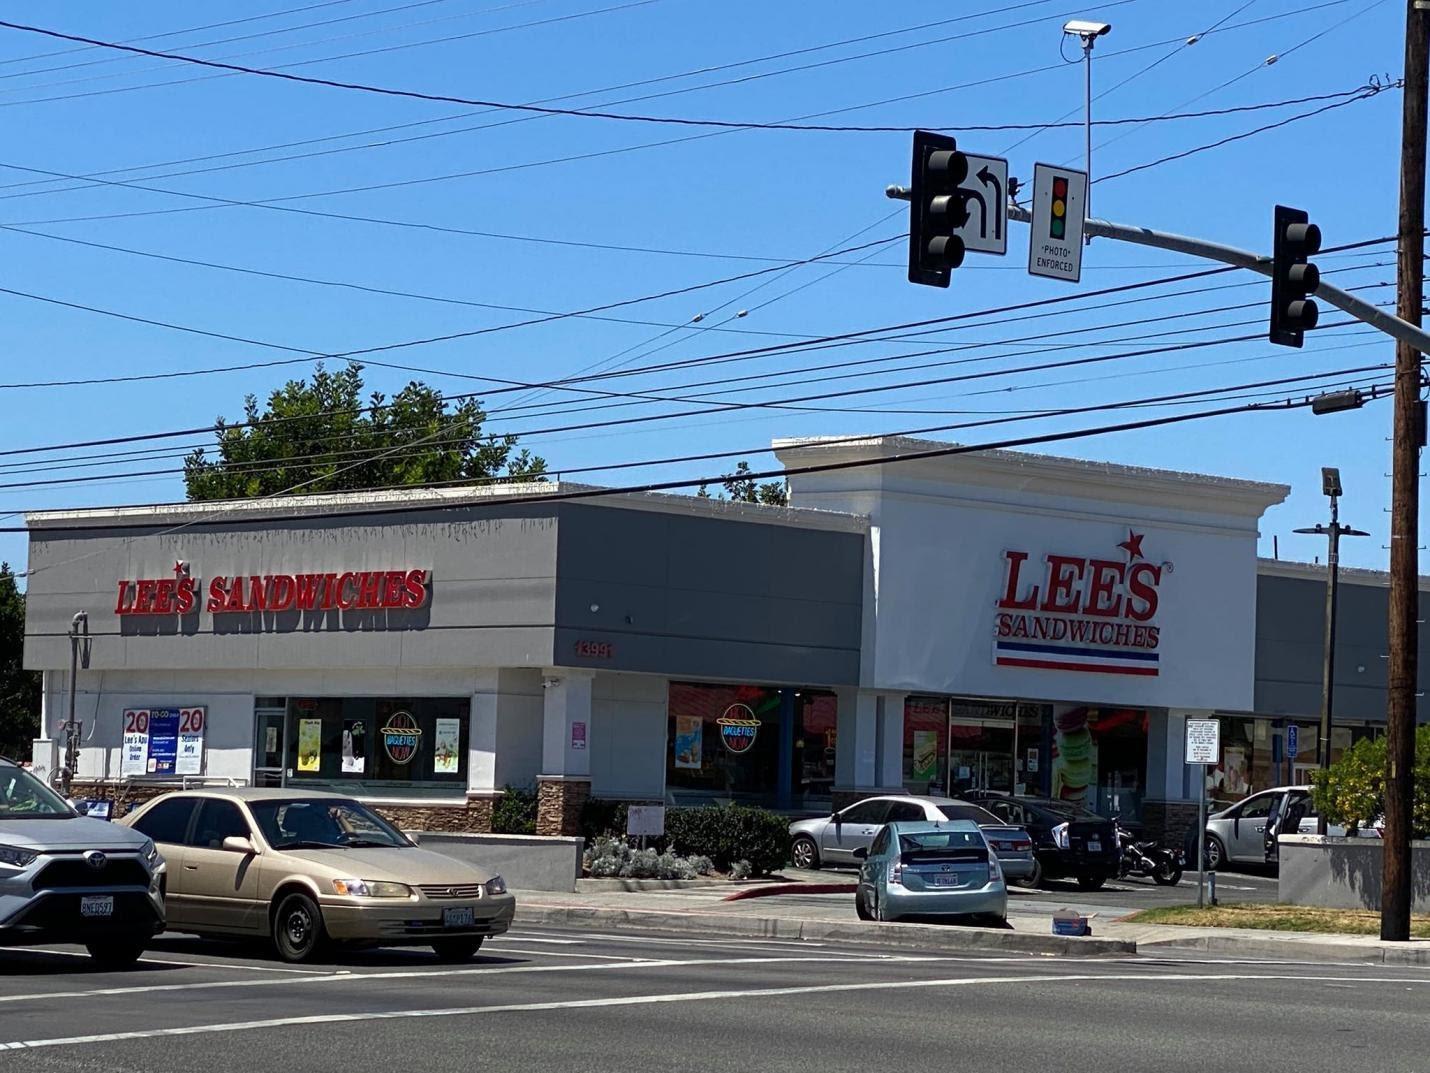 Công ty liên quan Lee's Sandwiches bị tòa án Mỹ quản chế và nộp phạt 250.000 USD